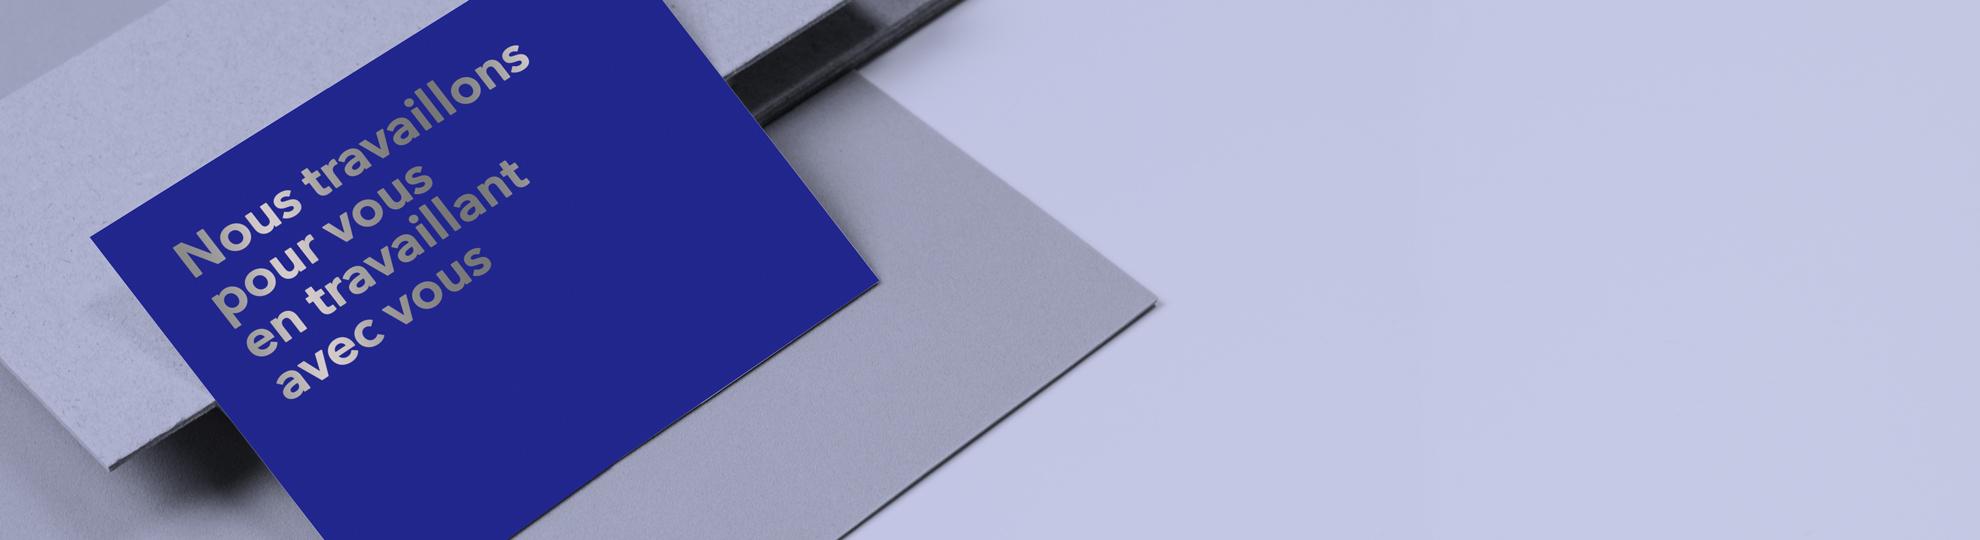 Imprimer flyer dorure dorée ou argentée